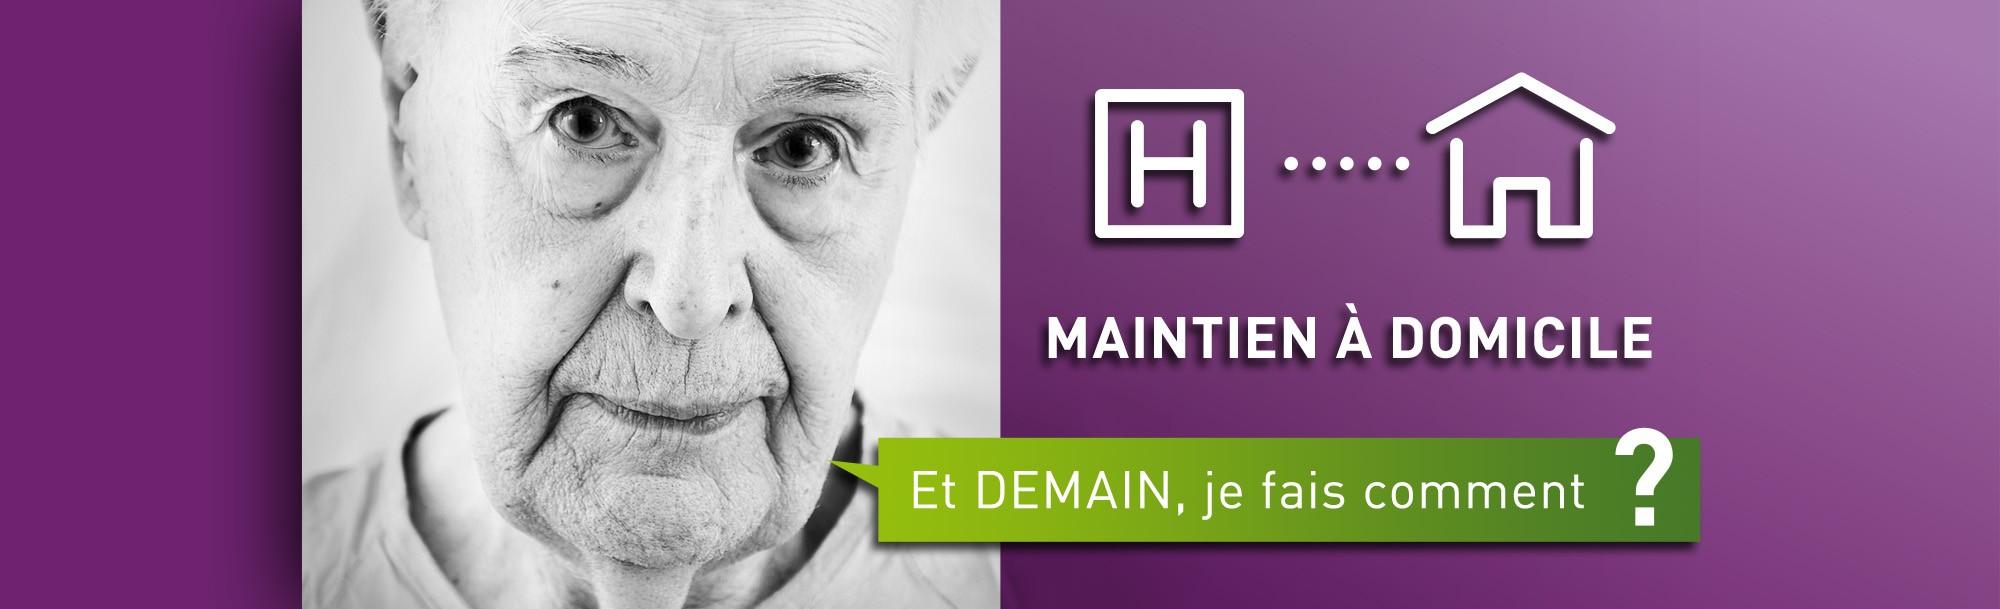 Méditech Santé Seniors